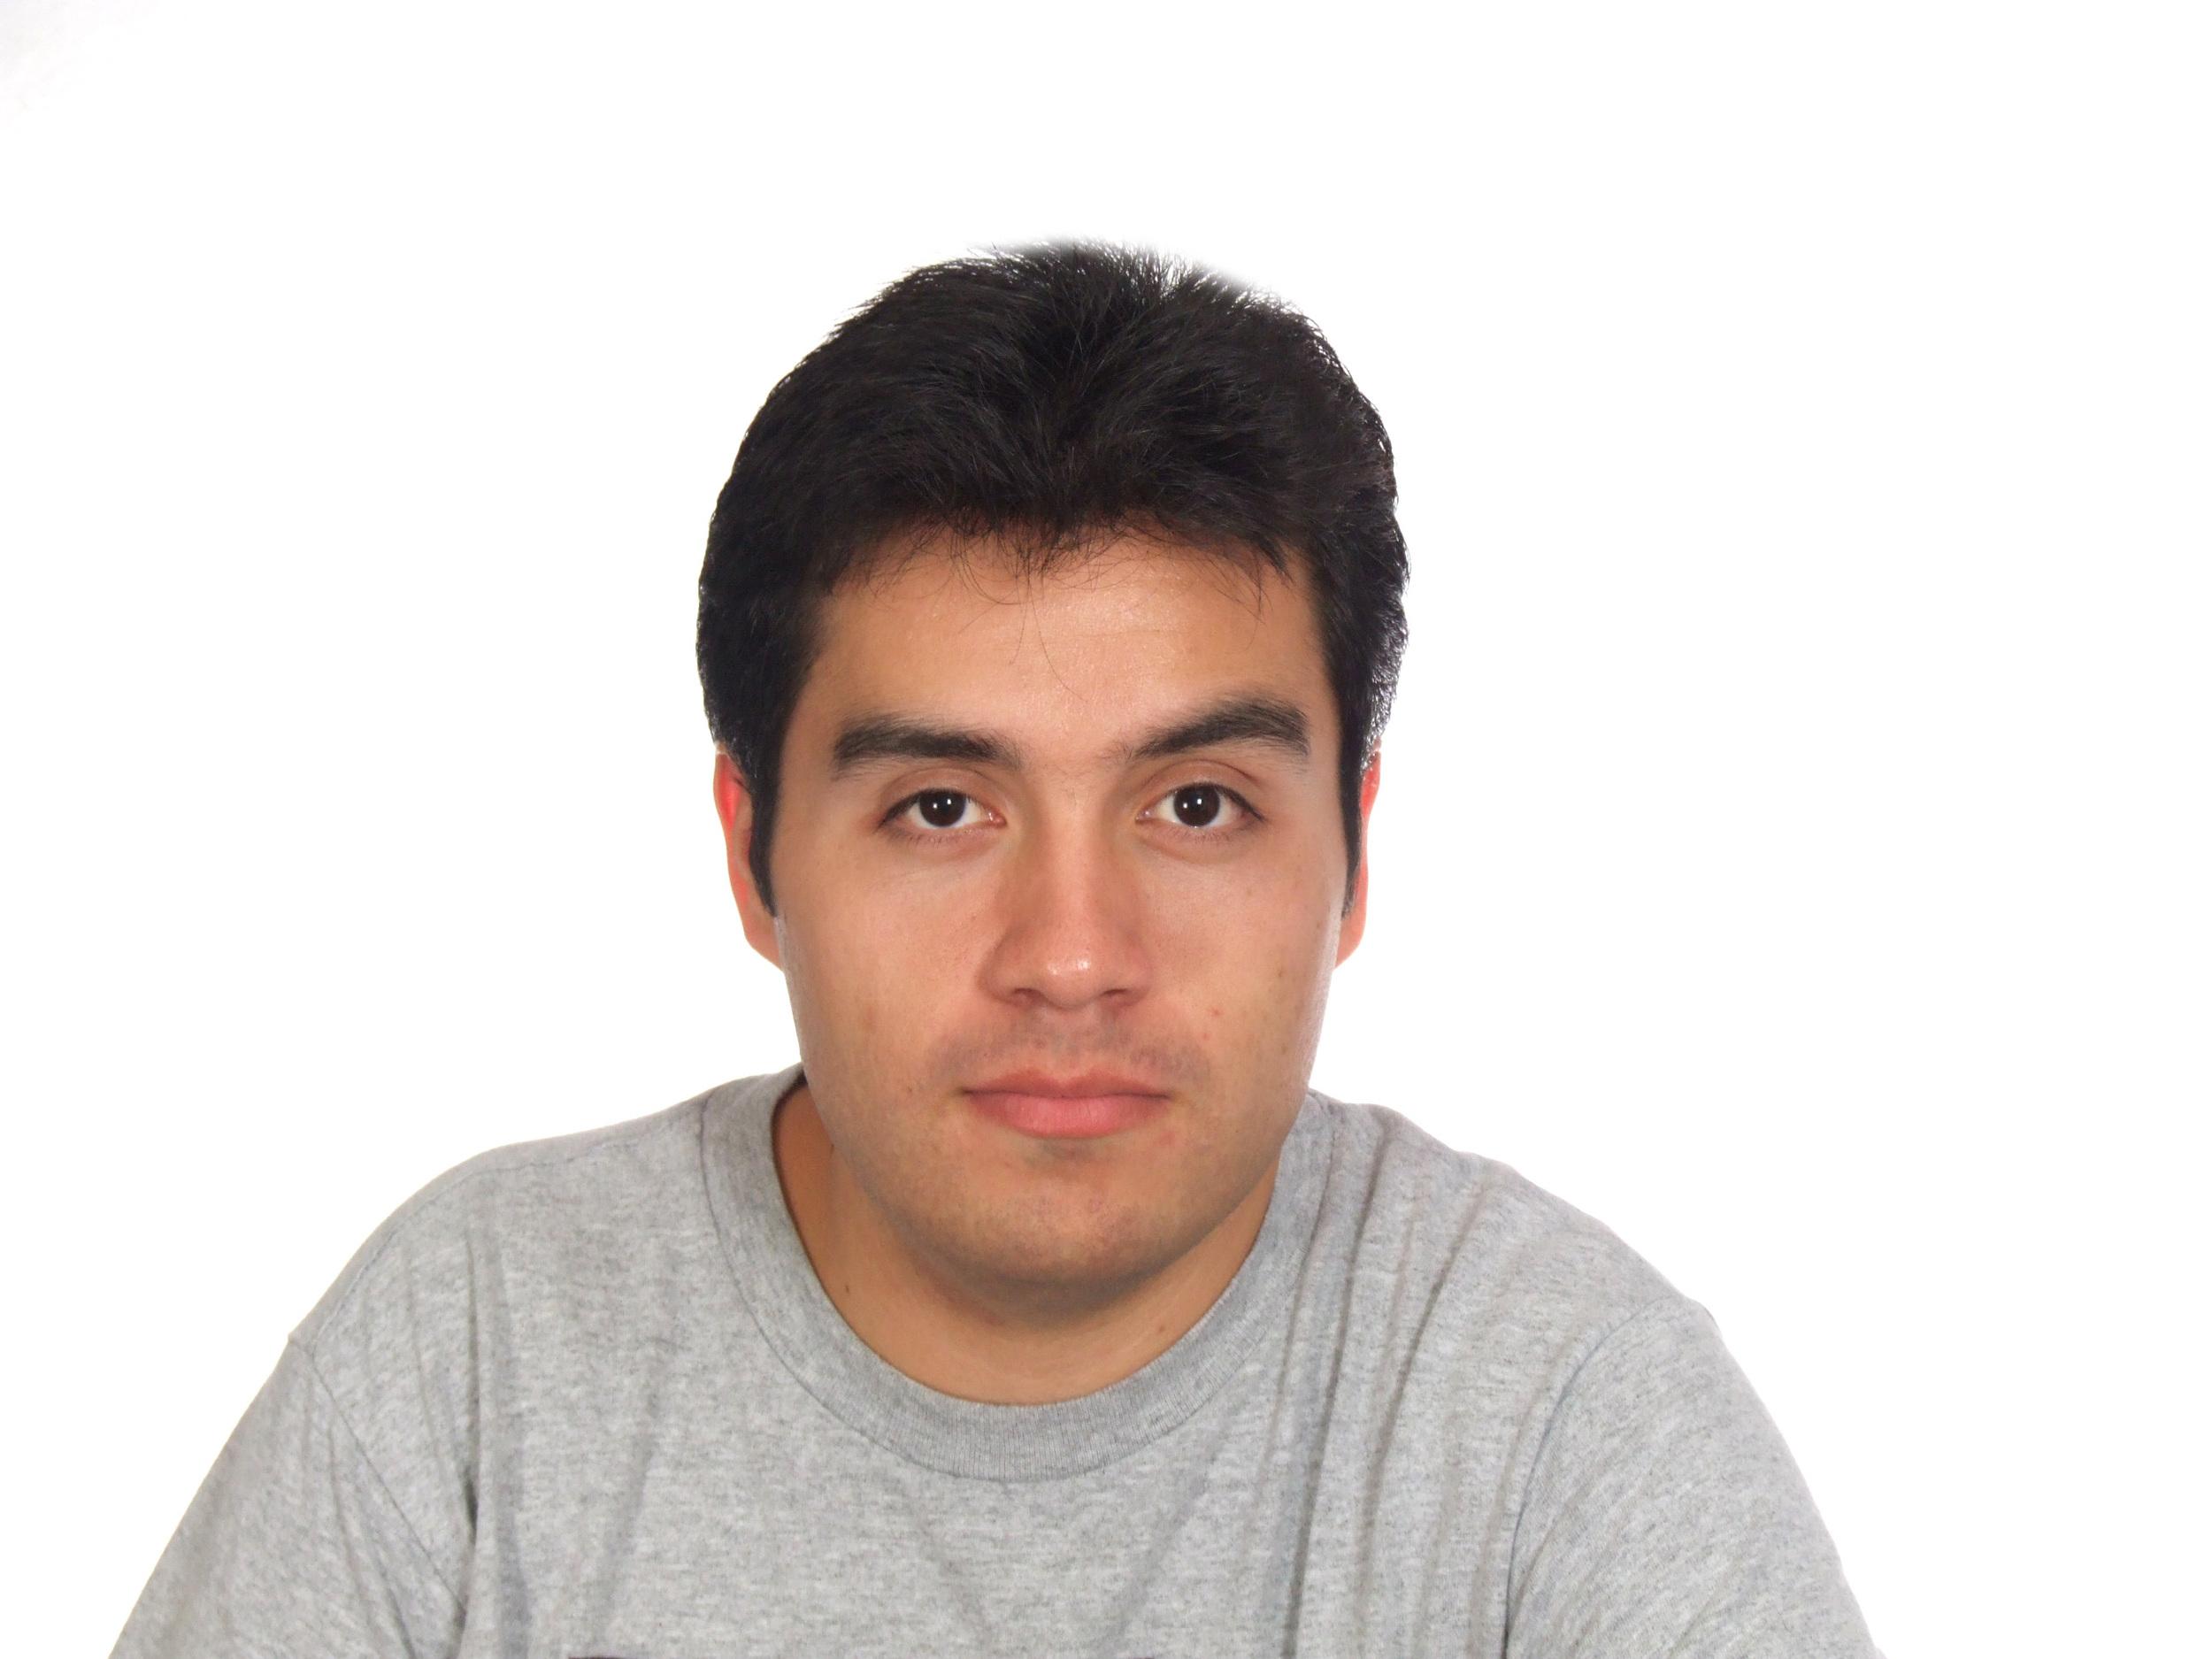 passportphoto1.jpg